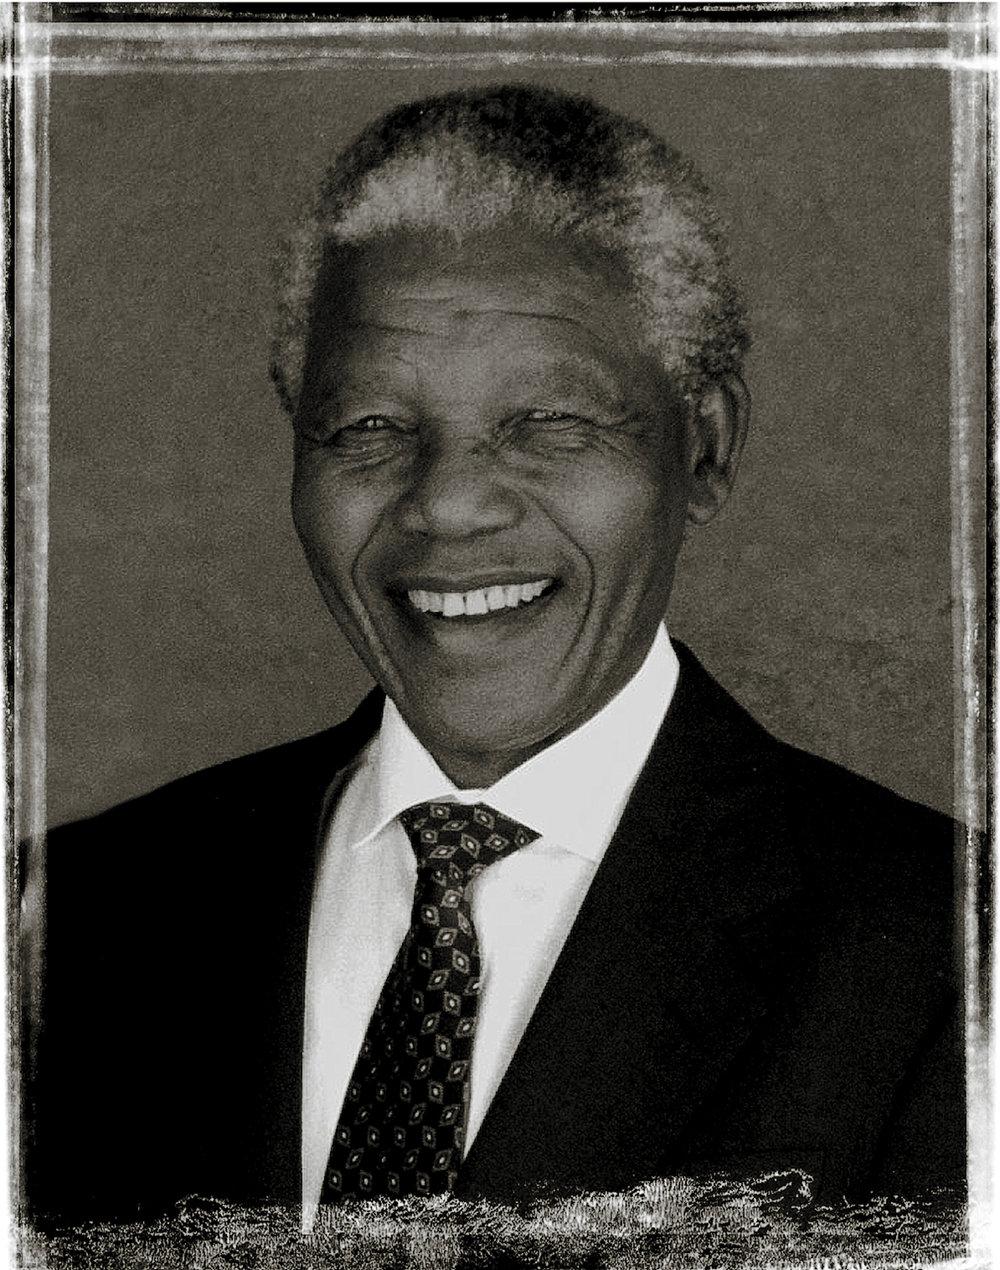 Mandela_A_lg_PRINT_14x.jpg